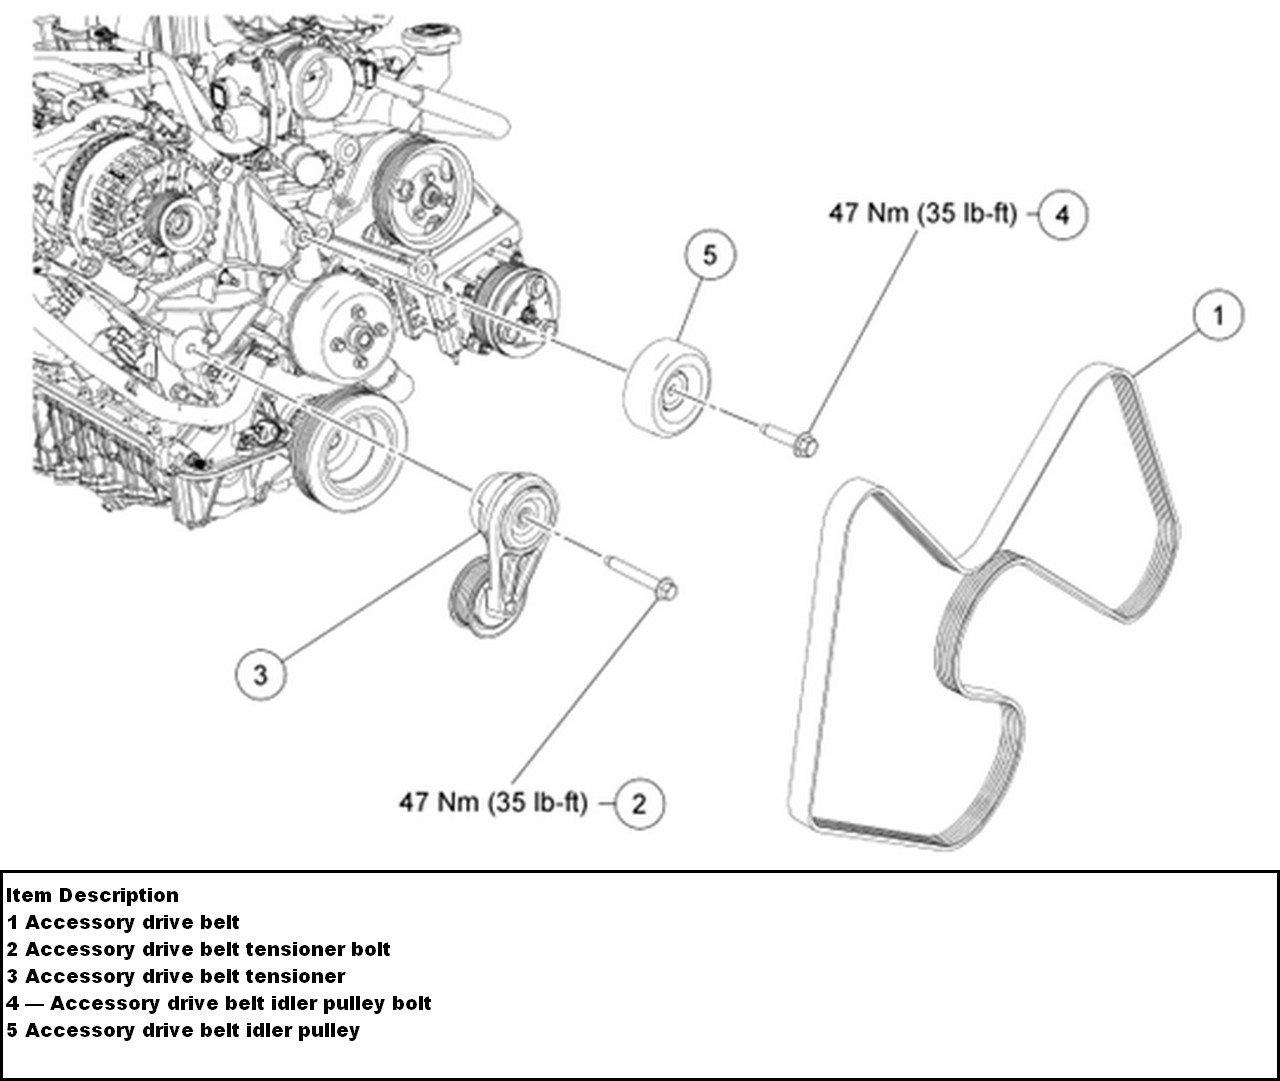 2001 Ford Escape V6 Serpentine Belt Diagram